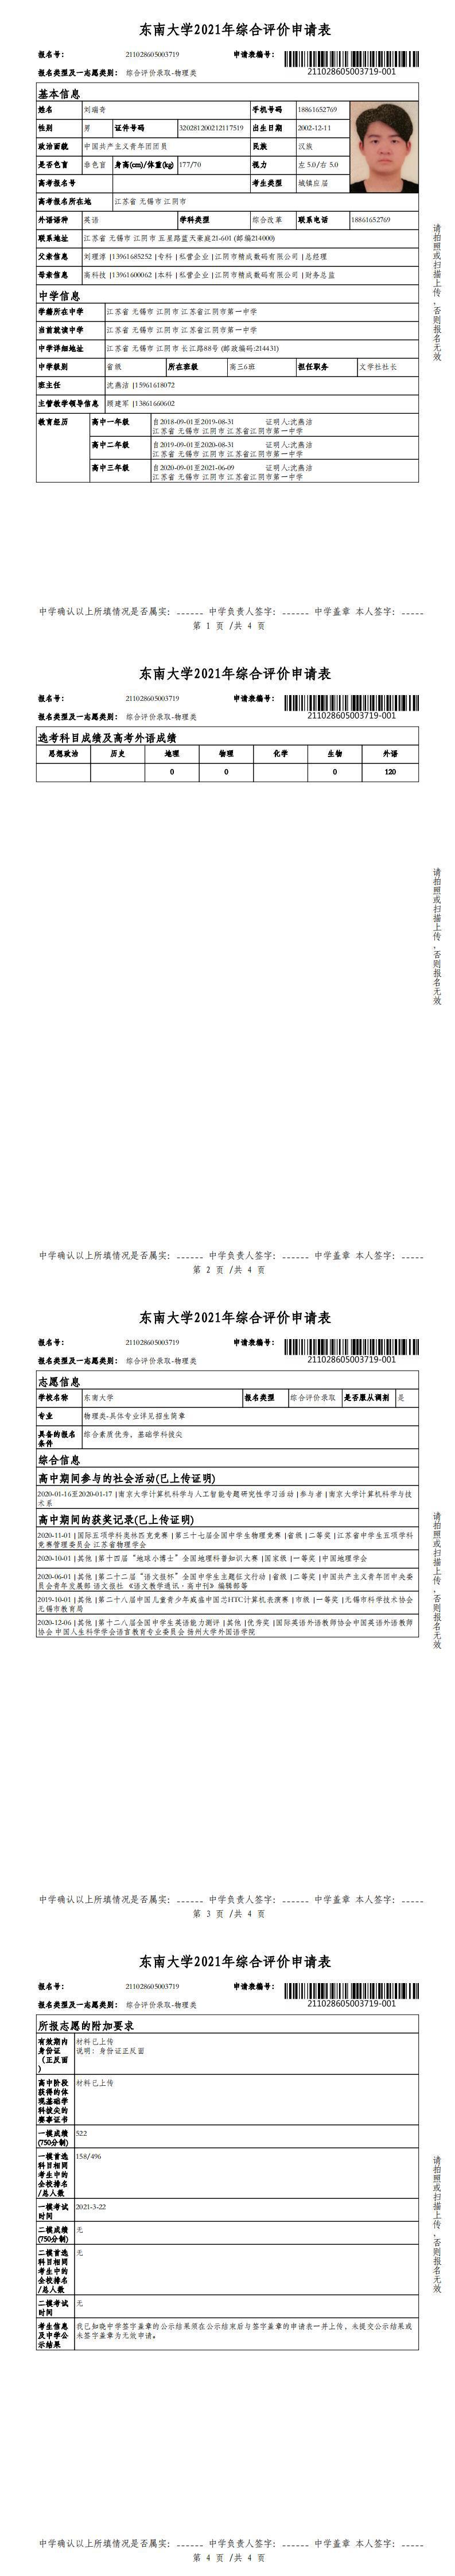 刘瑞奇东南申请表_0.jpg